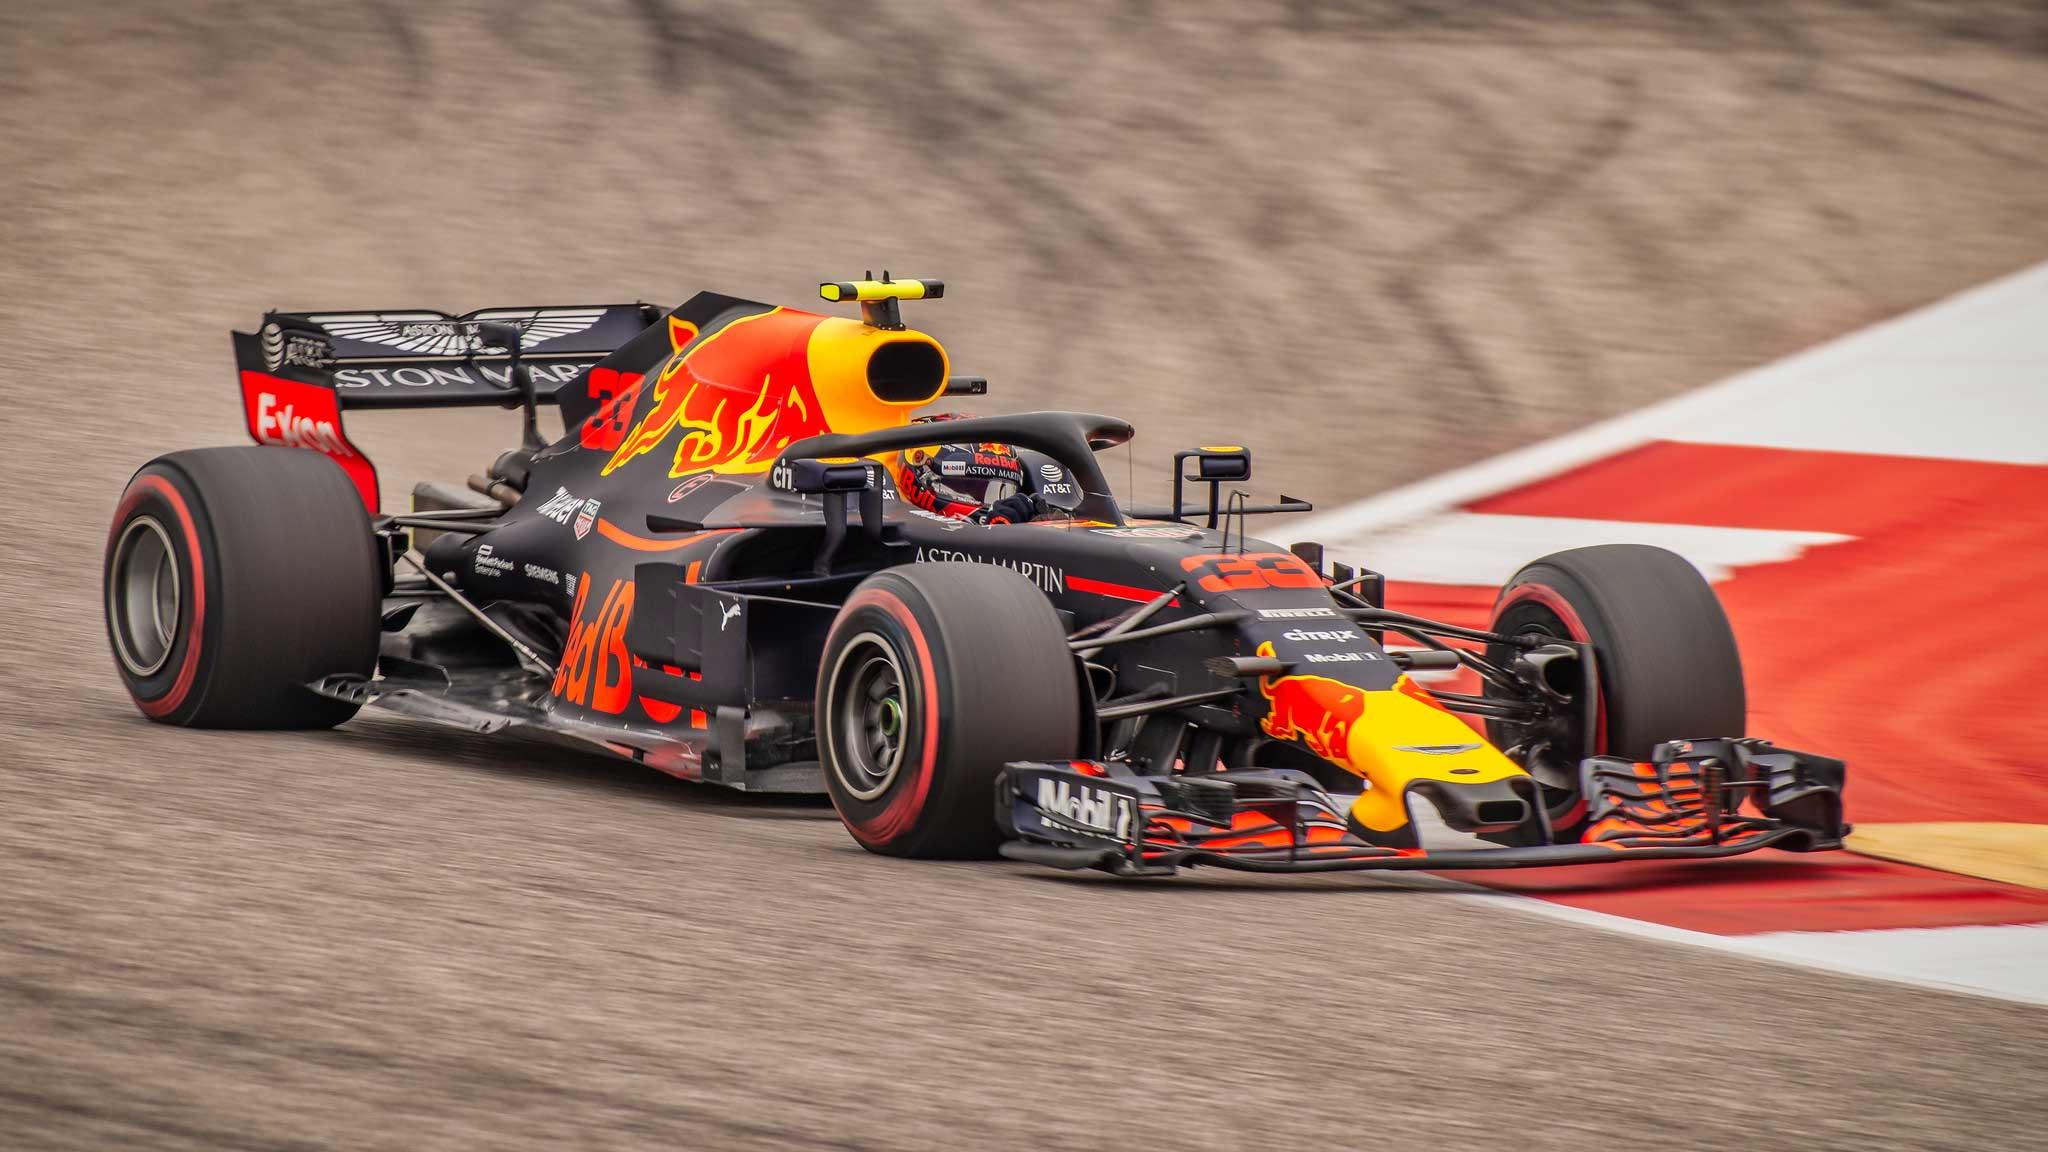 Formule 1 Dutch GP uitgesteld in verband met COVID-19 pandemie